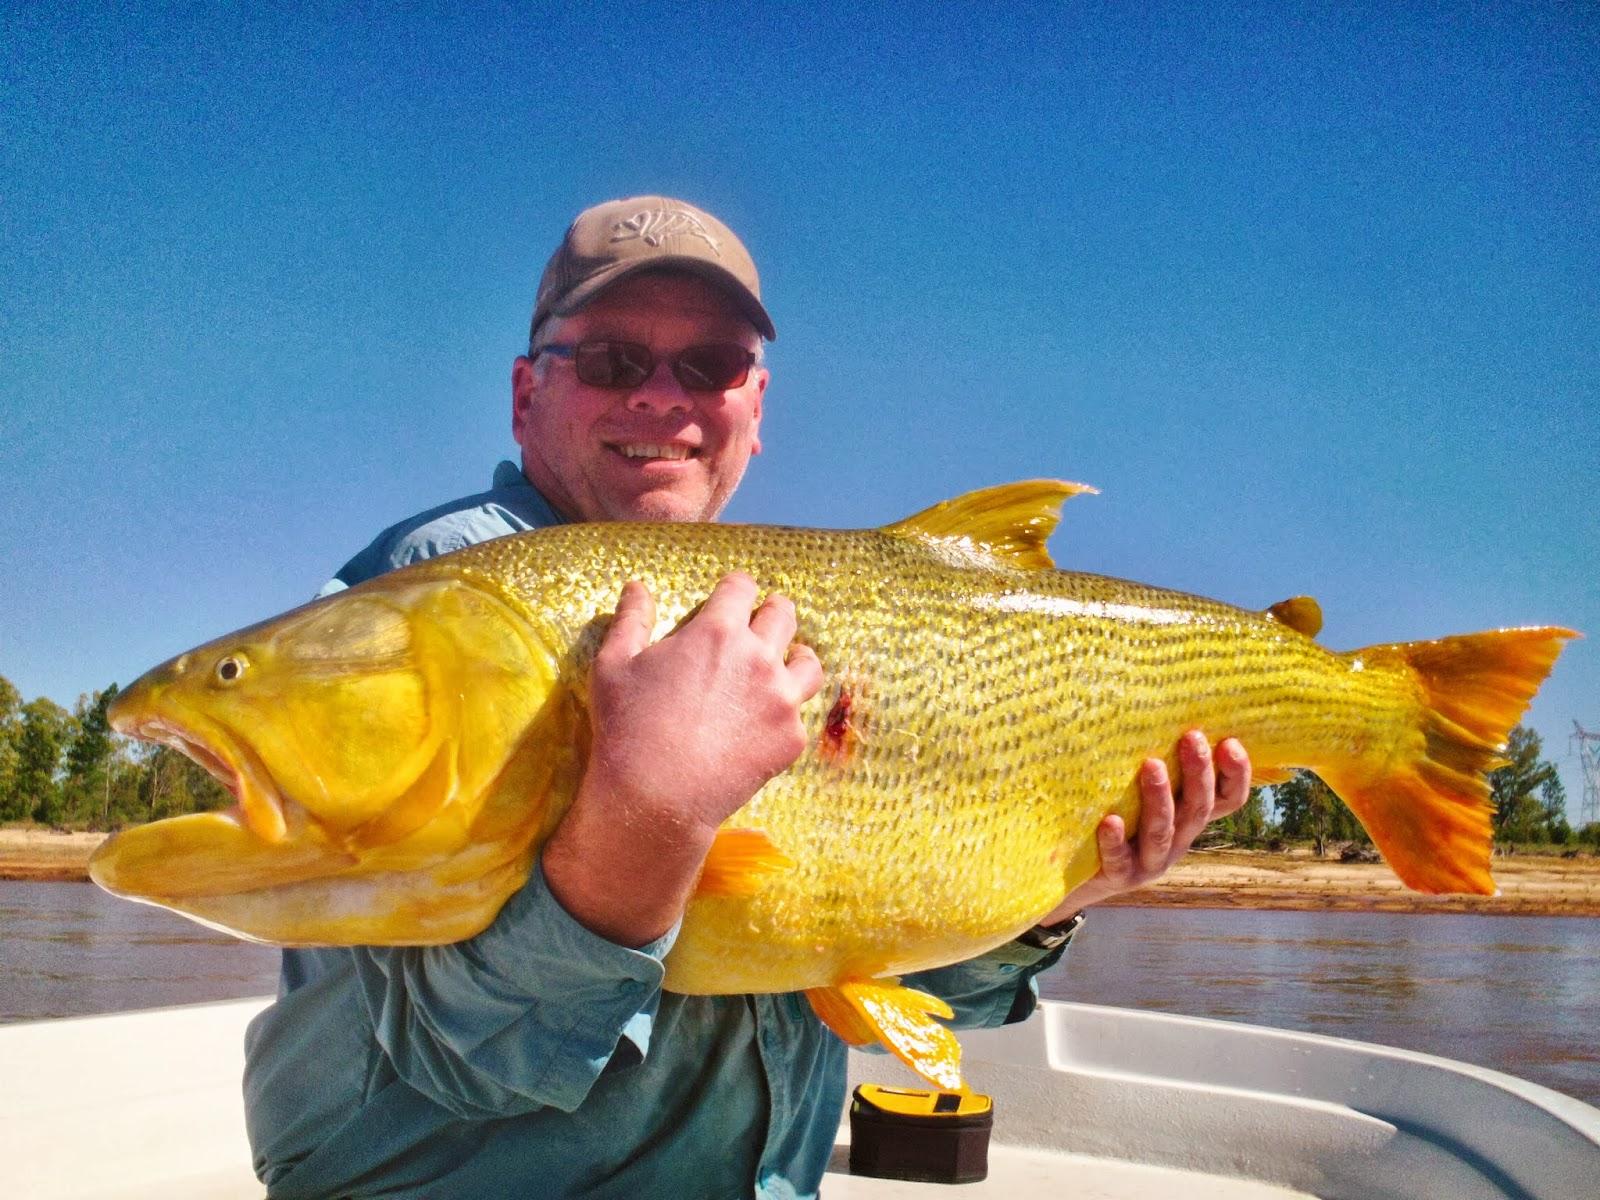 The fishing news redhot action for monster golden dorado for Golden dorado fish